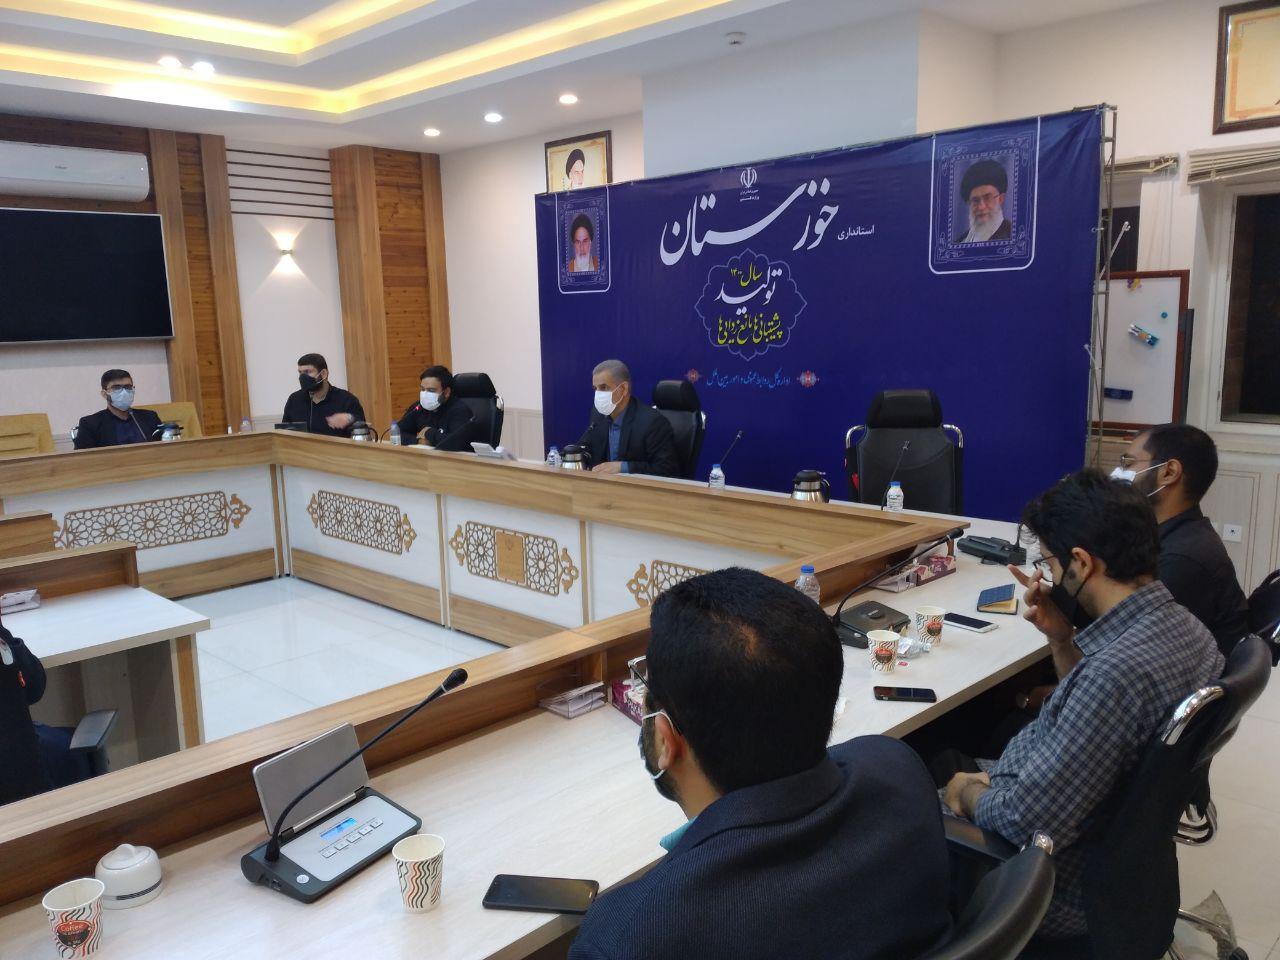 ضرورت طراحی برنامه مدون برای توسعه خوزستان